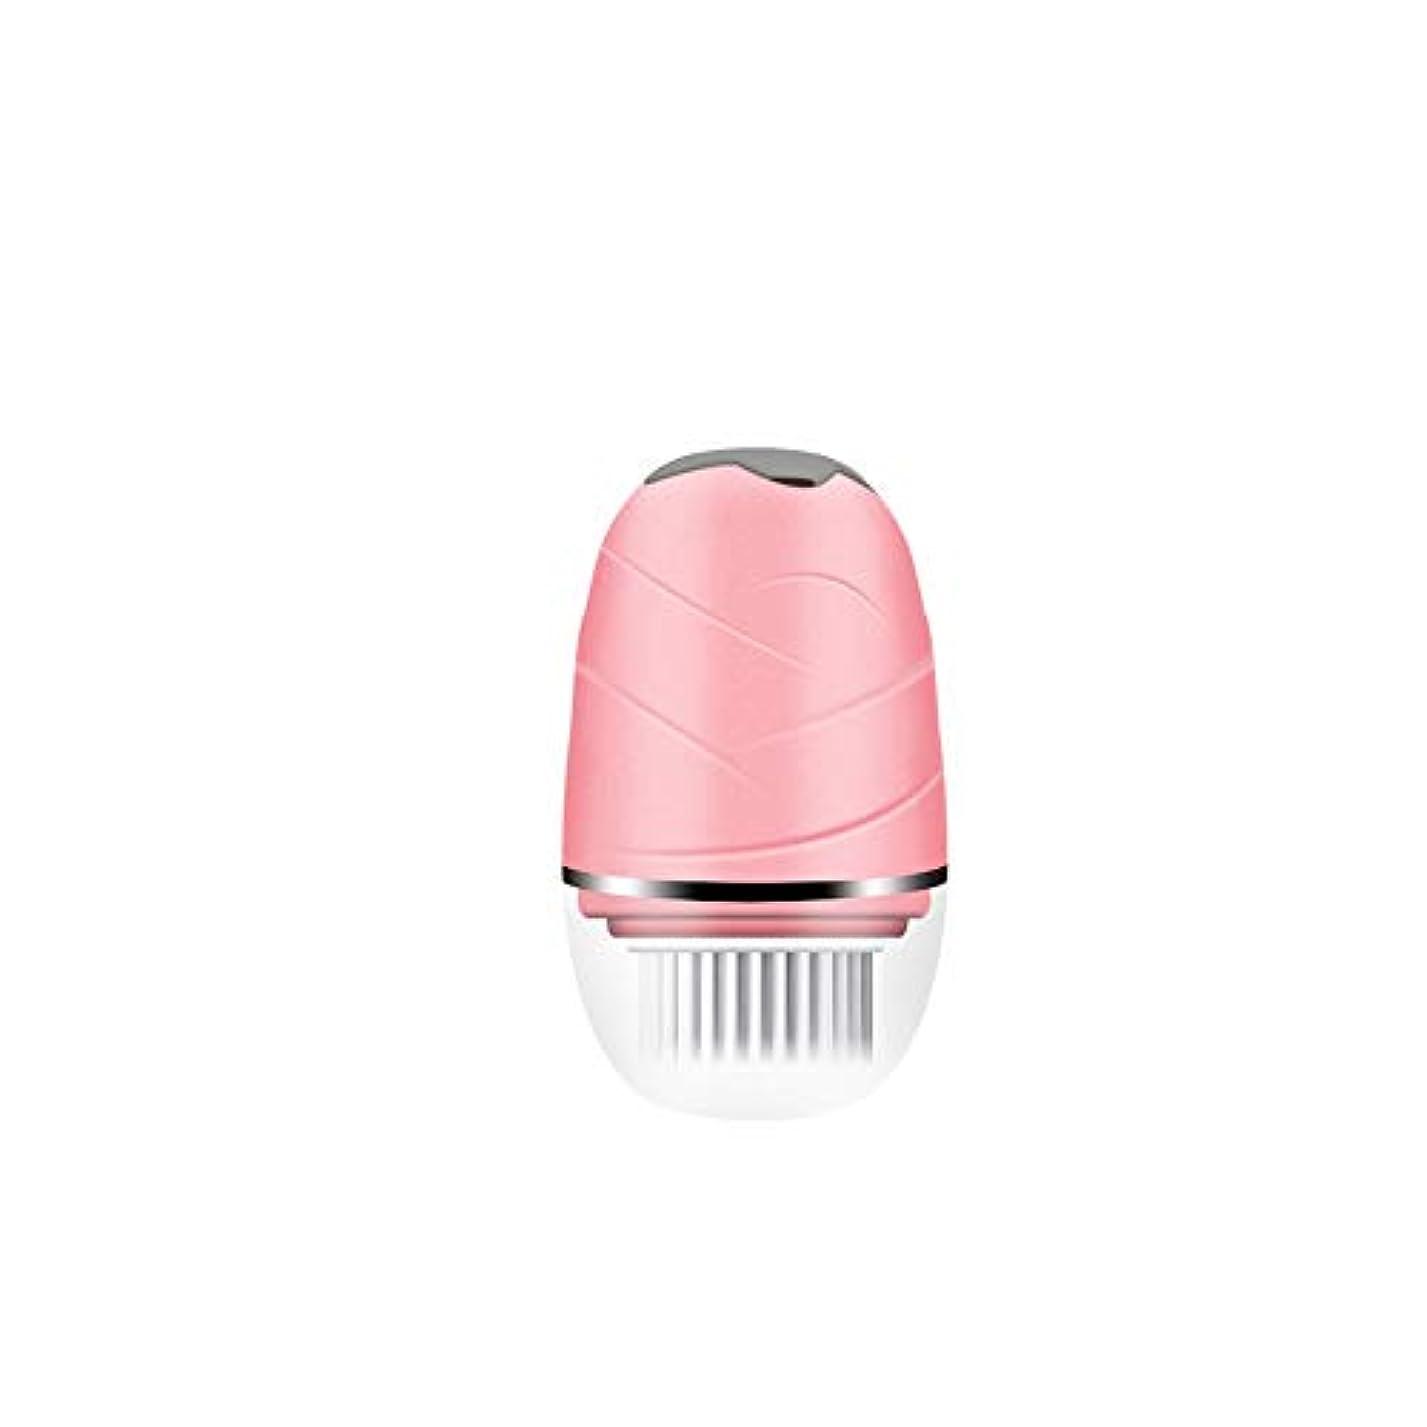 はさみテンション洗顔ブラシ、3つのブラシヘッドを備えた防水フェイスブラシ、フェイスクリーニング、角質除去、マッサージのためのポータブル電動回転フェイススクラバー,ピンク